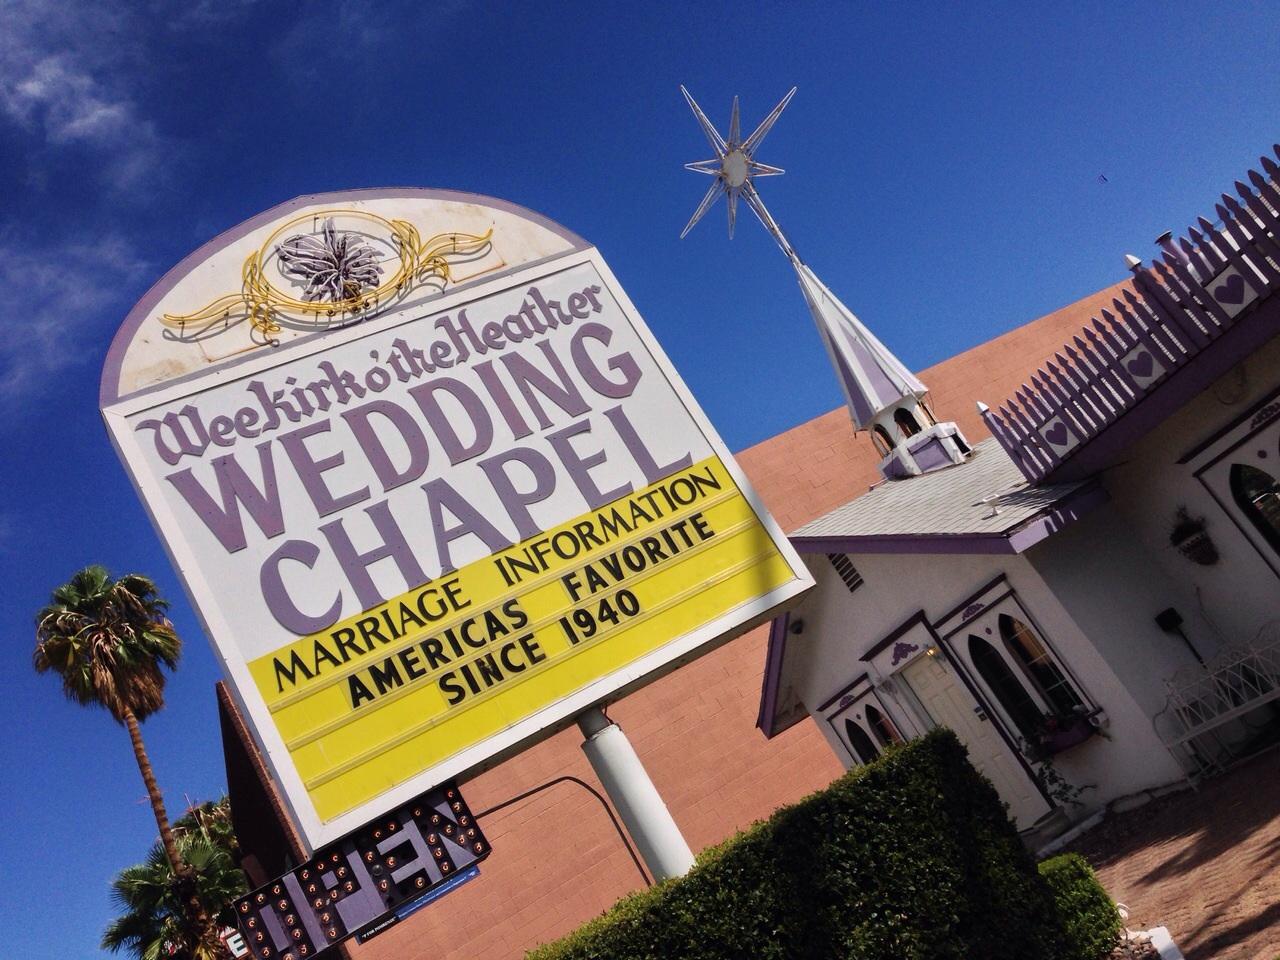 Una de las capillas de boda de Las Vegas, la favorita de los estadounidenses desde 1940, como reza en su anuncio.